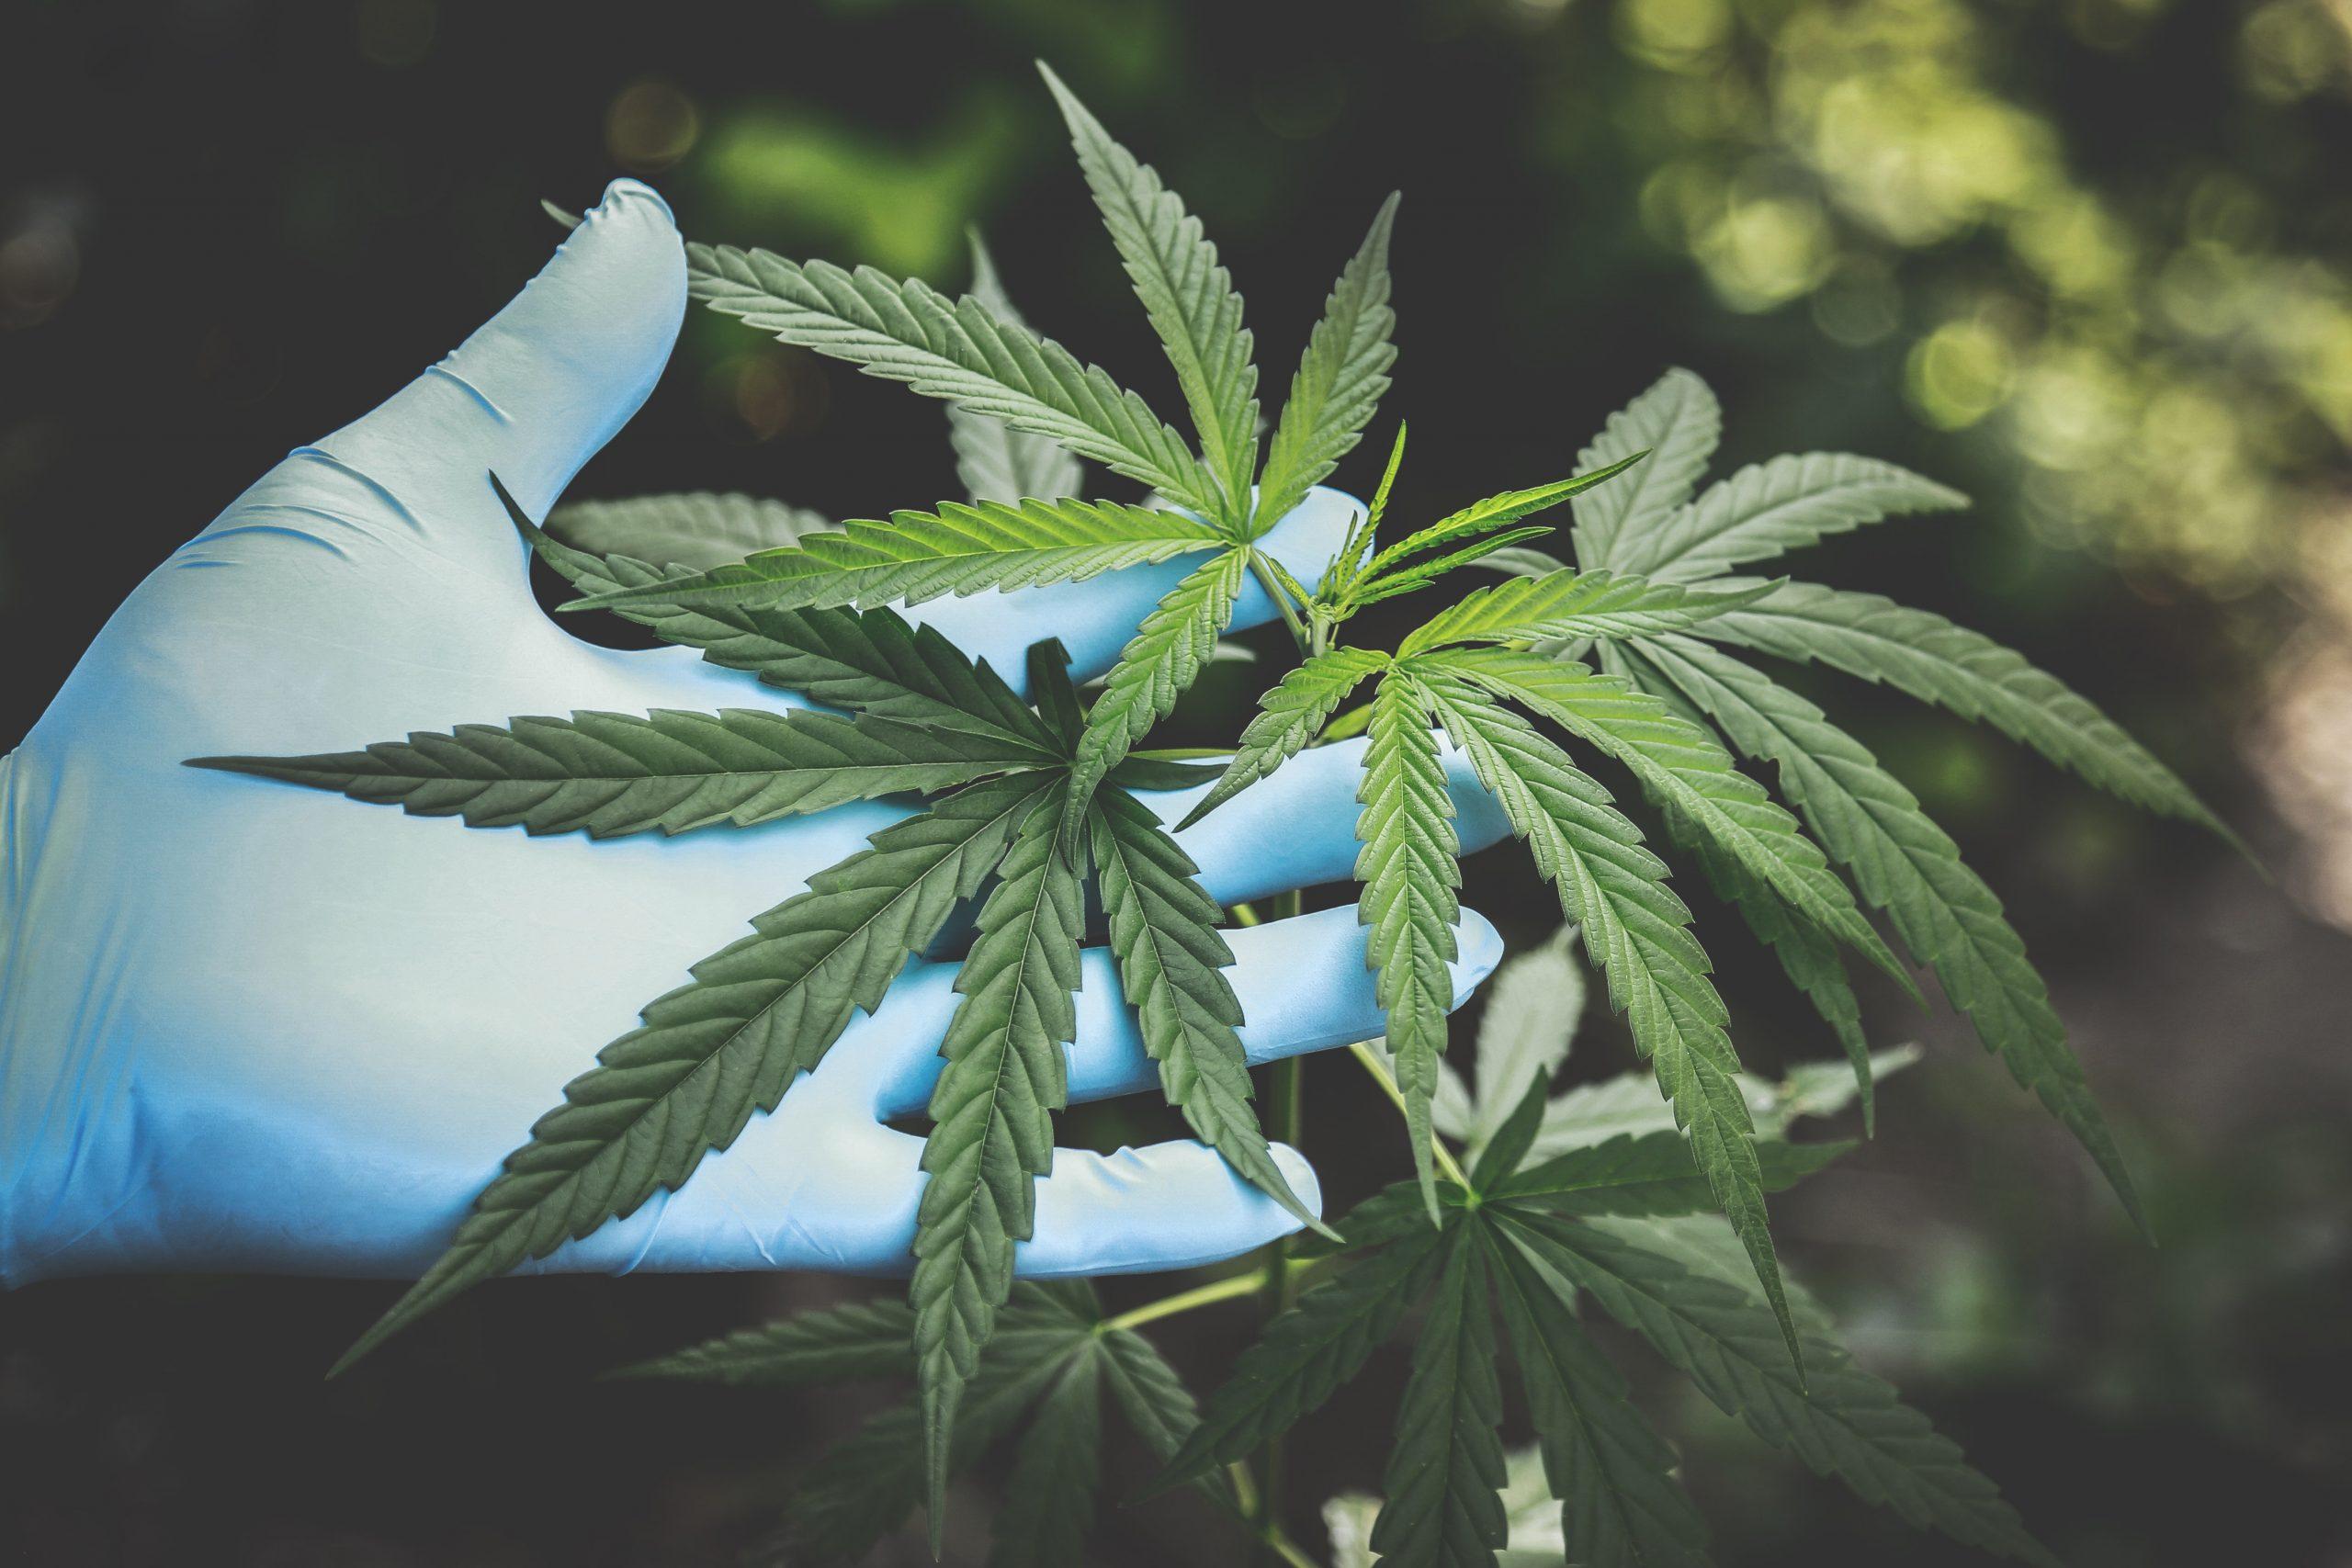 La coltivazione domestica di sostanze stupefacenti per uso personale: la decisione delle SS.UU. Caruso n° 12348/2020